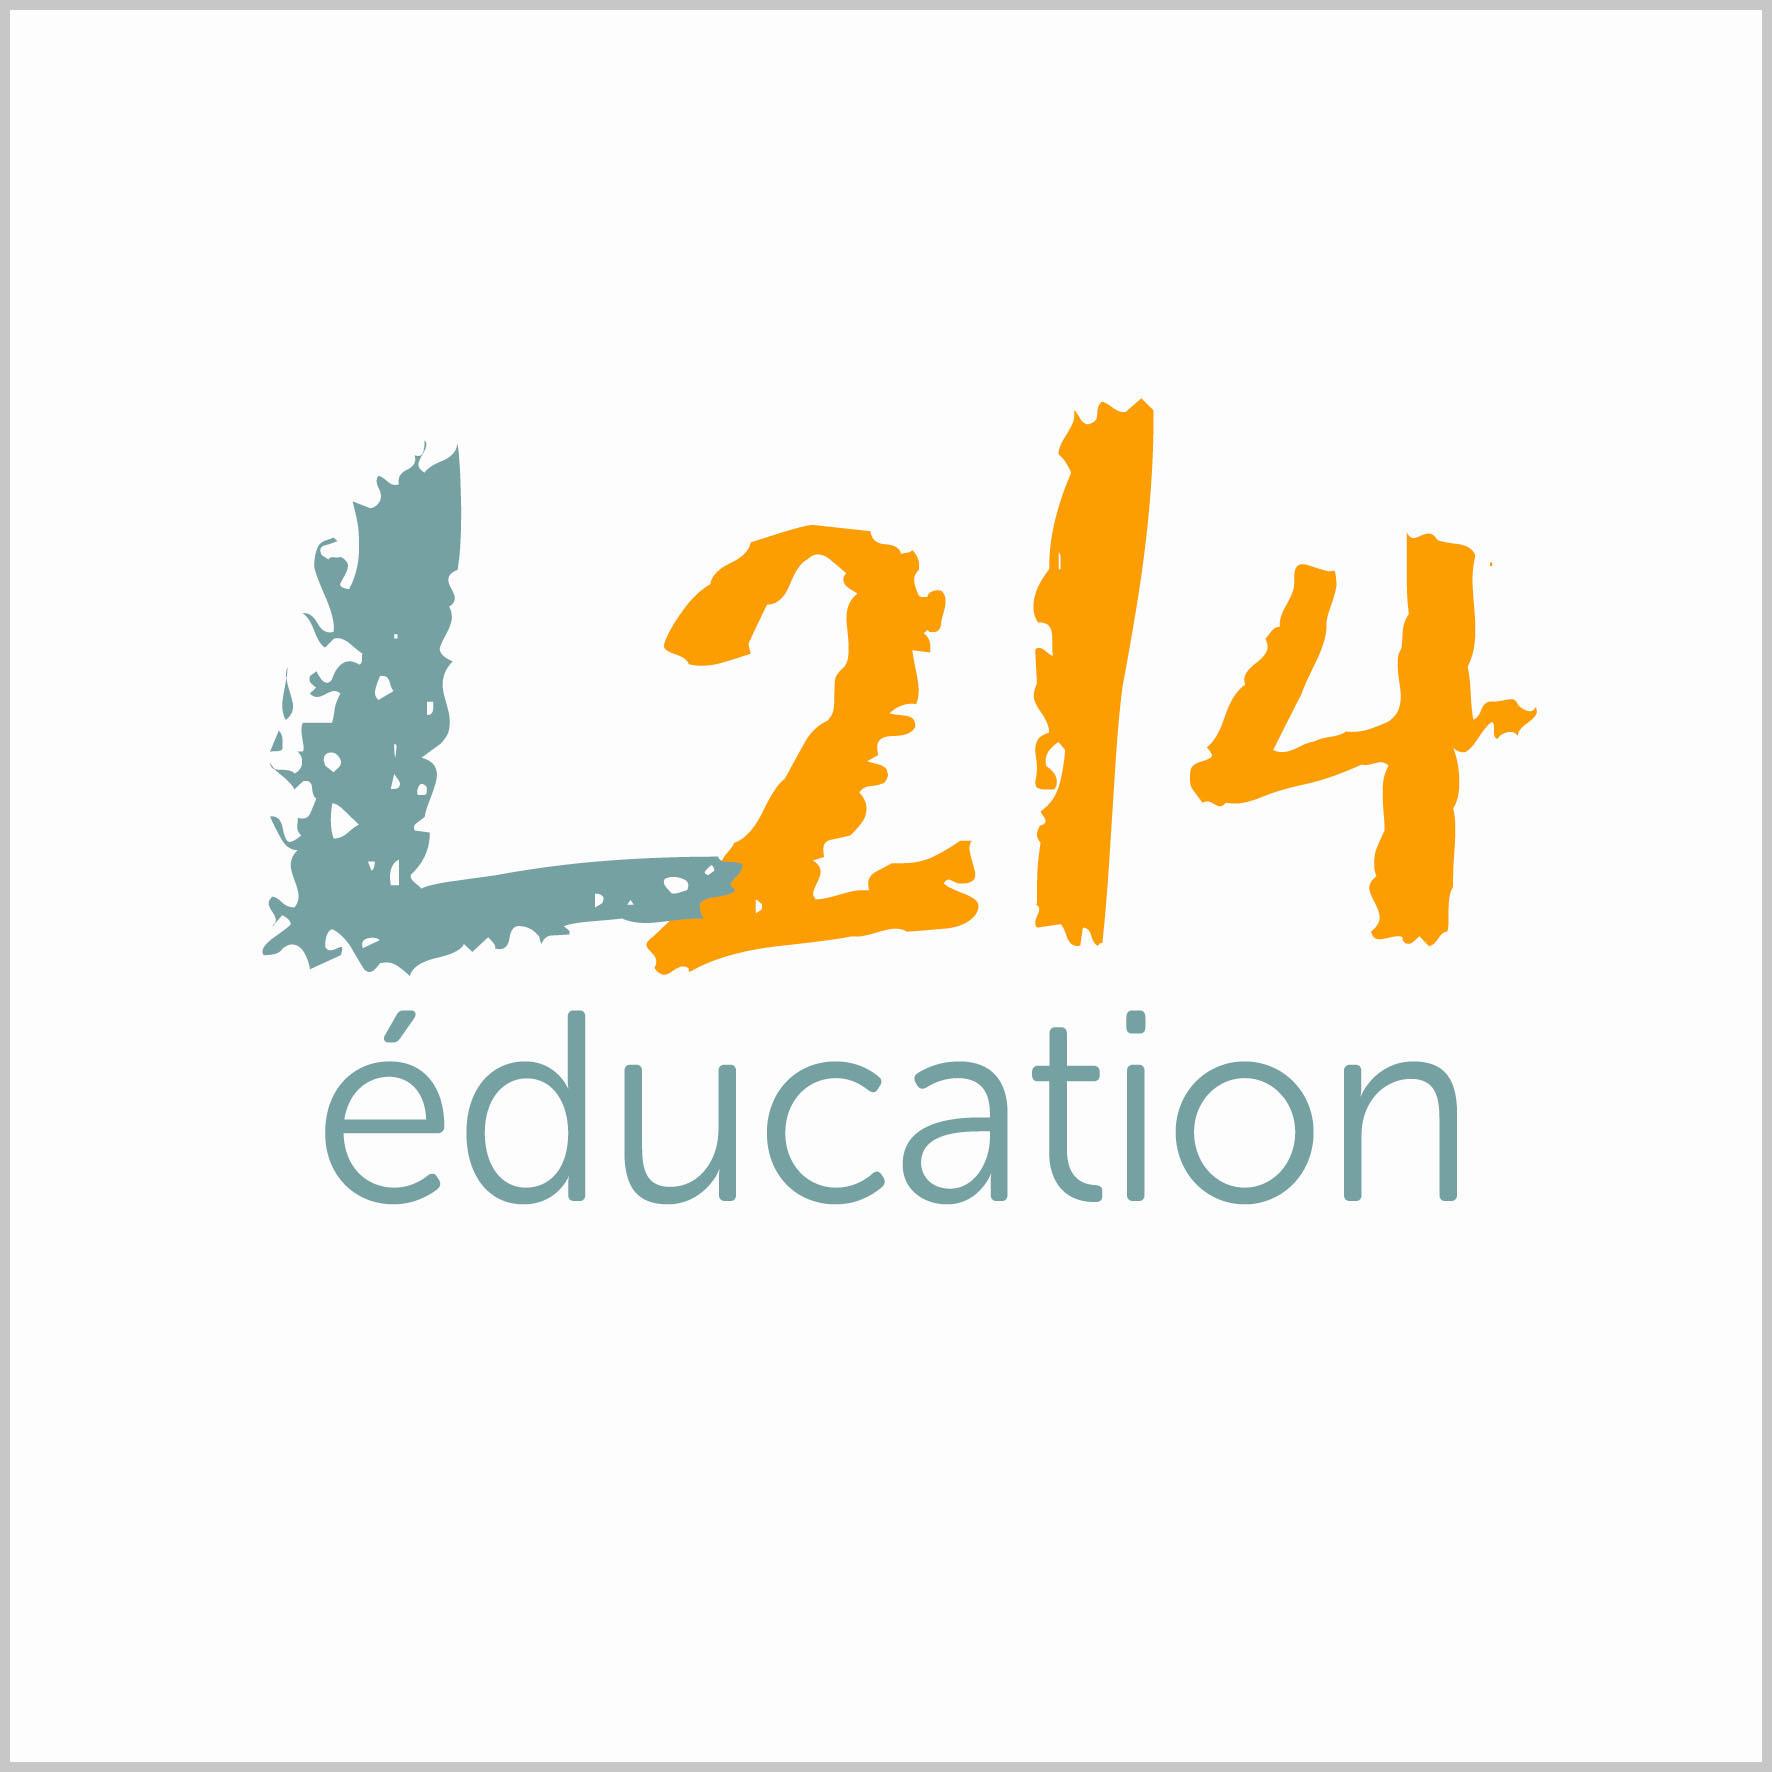 L214 sur Twitter